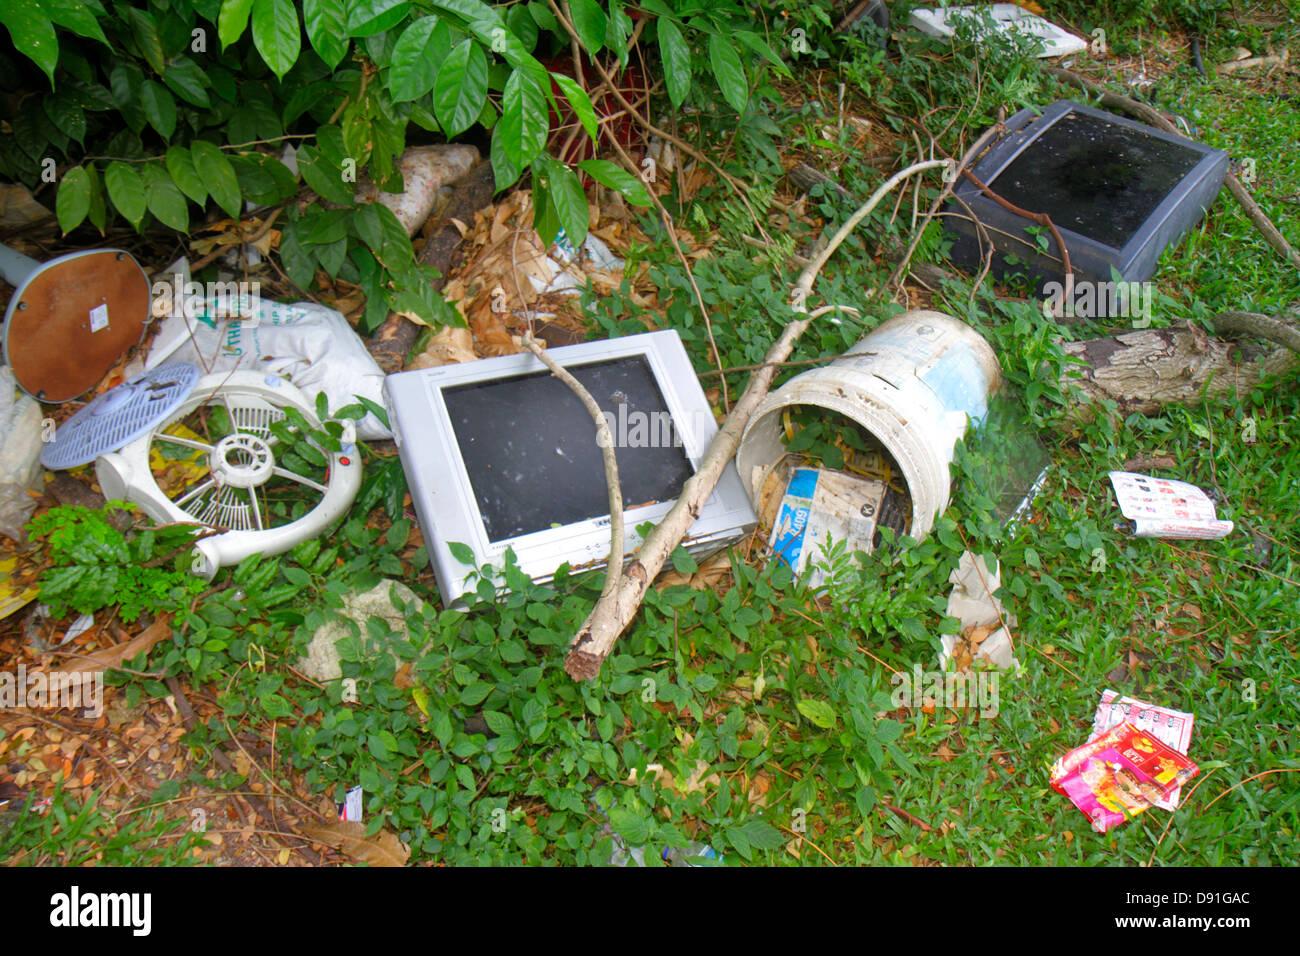 Jalan Besar Singapour pollution Déchets déchets environnement moniteur corbeille Photo Stock